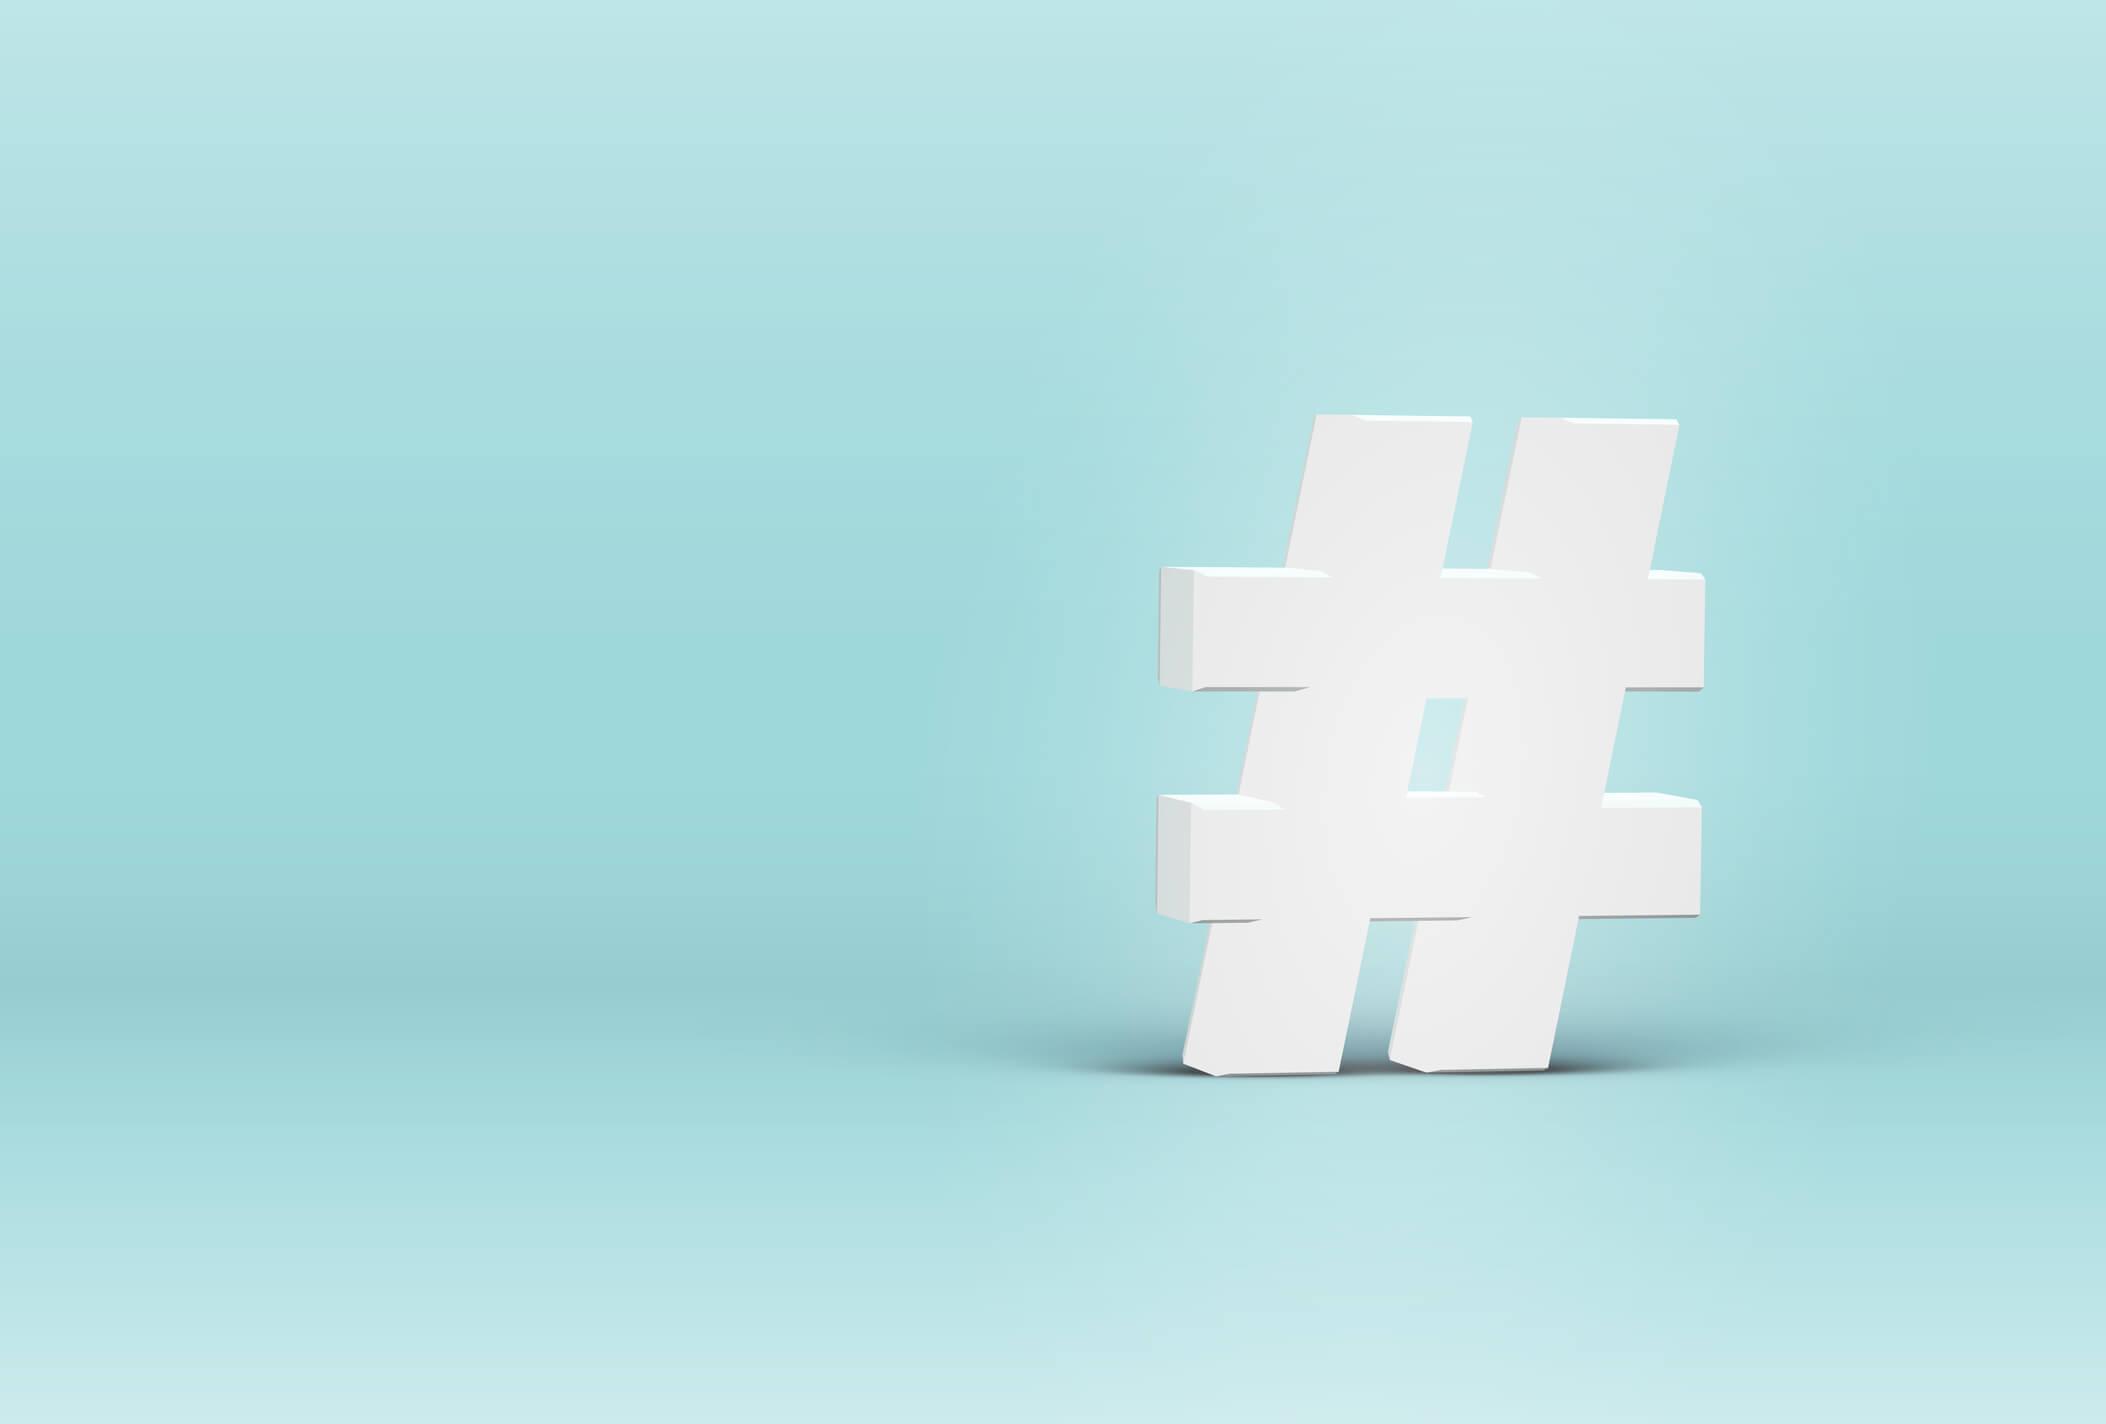 Wie funktionieren Hashtags auf LinkedIn?